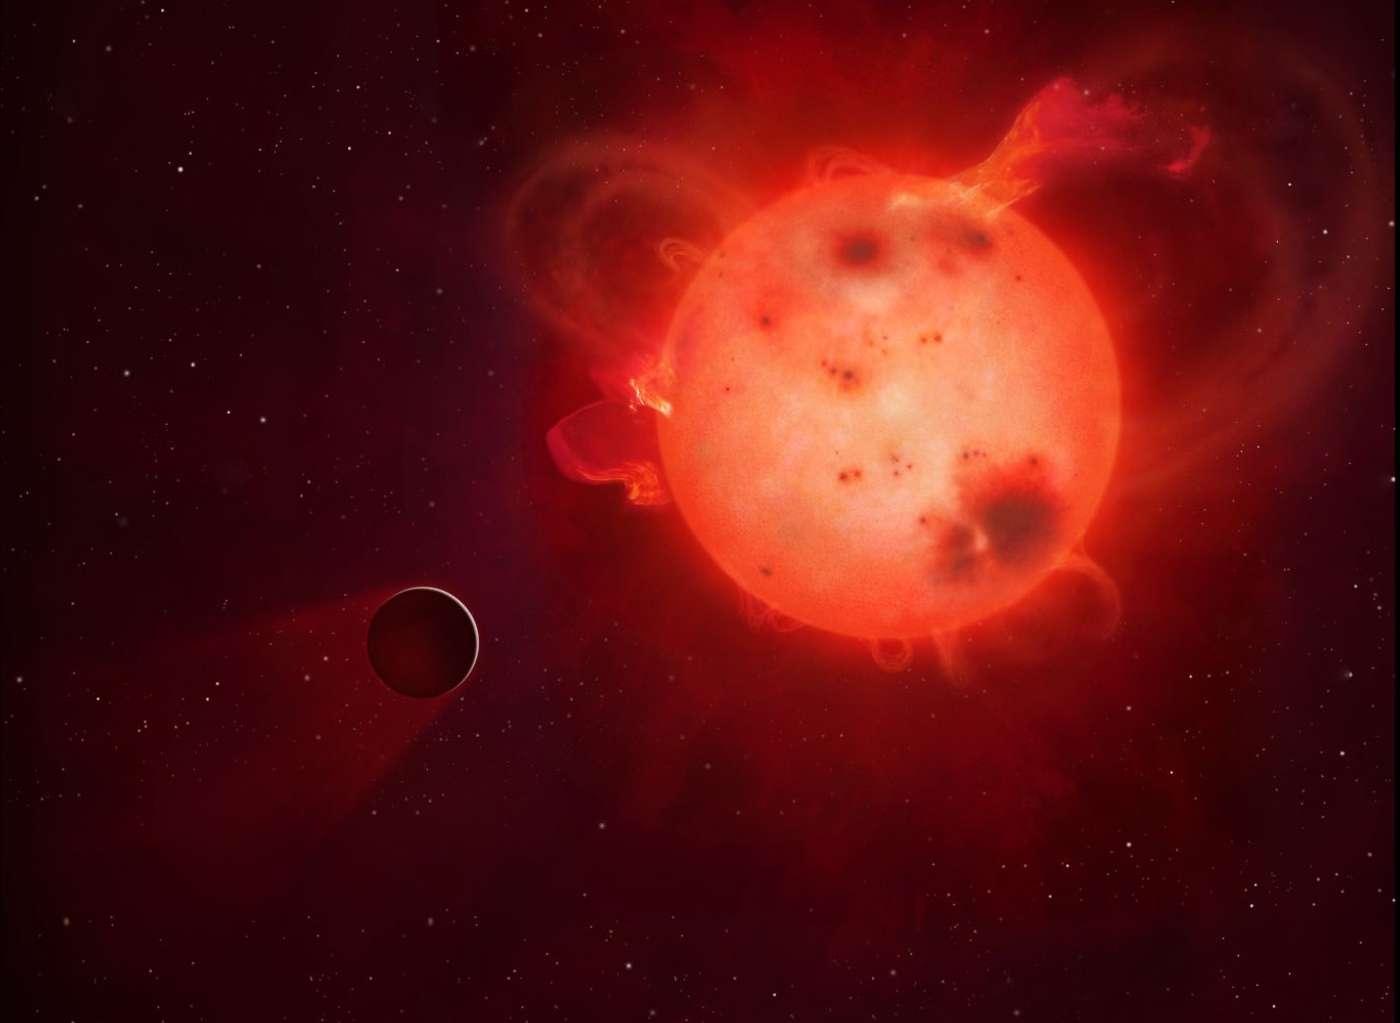 Considérée comme une candidate très prometteuse depuis sa découverte en janvier 2015, Kepler 438b est une jumelle de la Terre vraisemblablement stérilisée par les turbulences violentes et récurrentes de son étoile, une naine rouge. © Mark A Garlick, University of Warwick